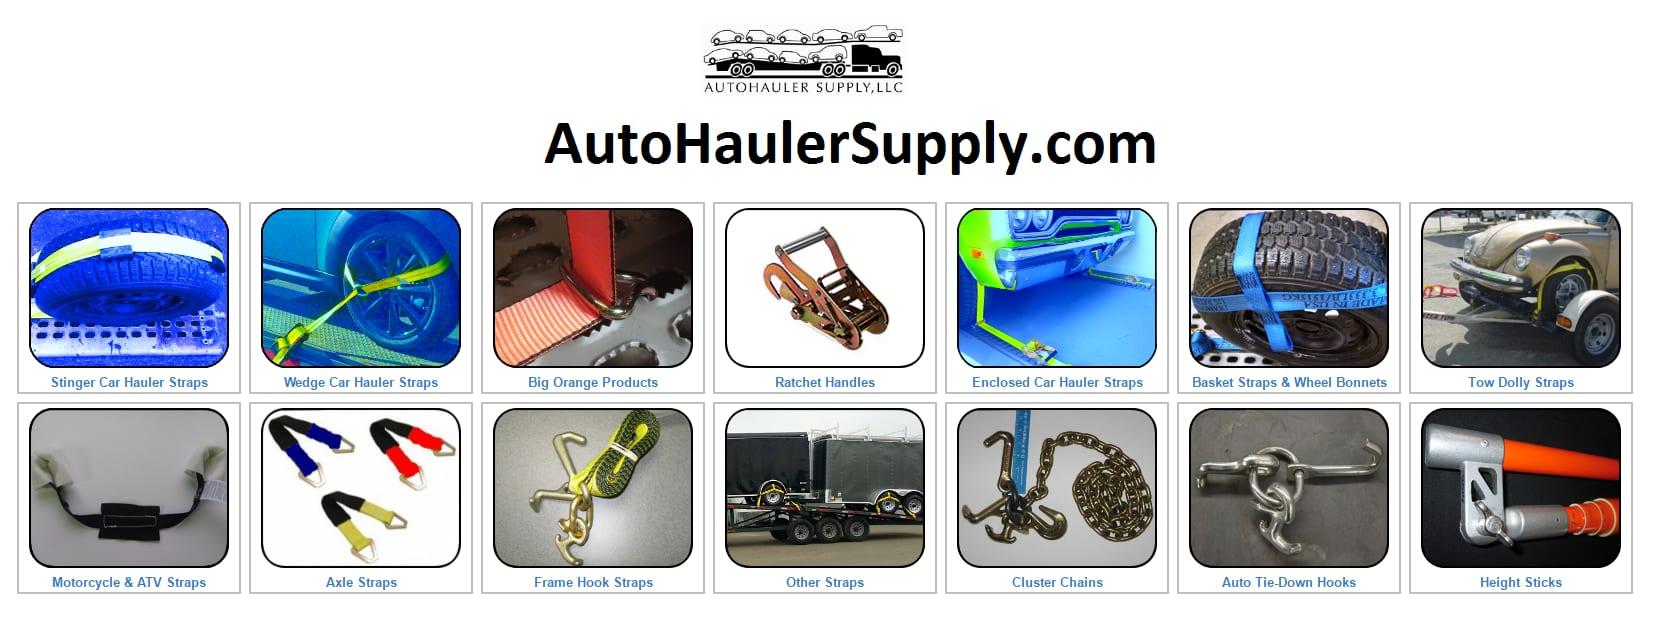 Autohauler Supply